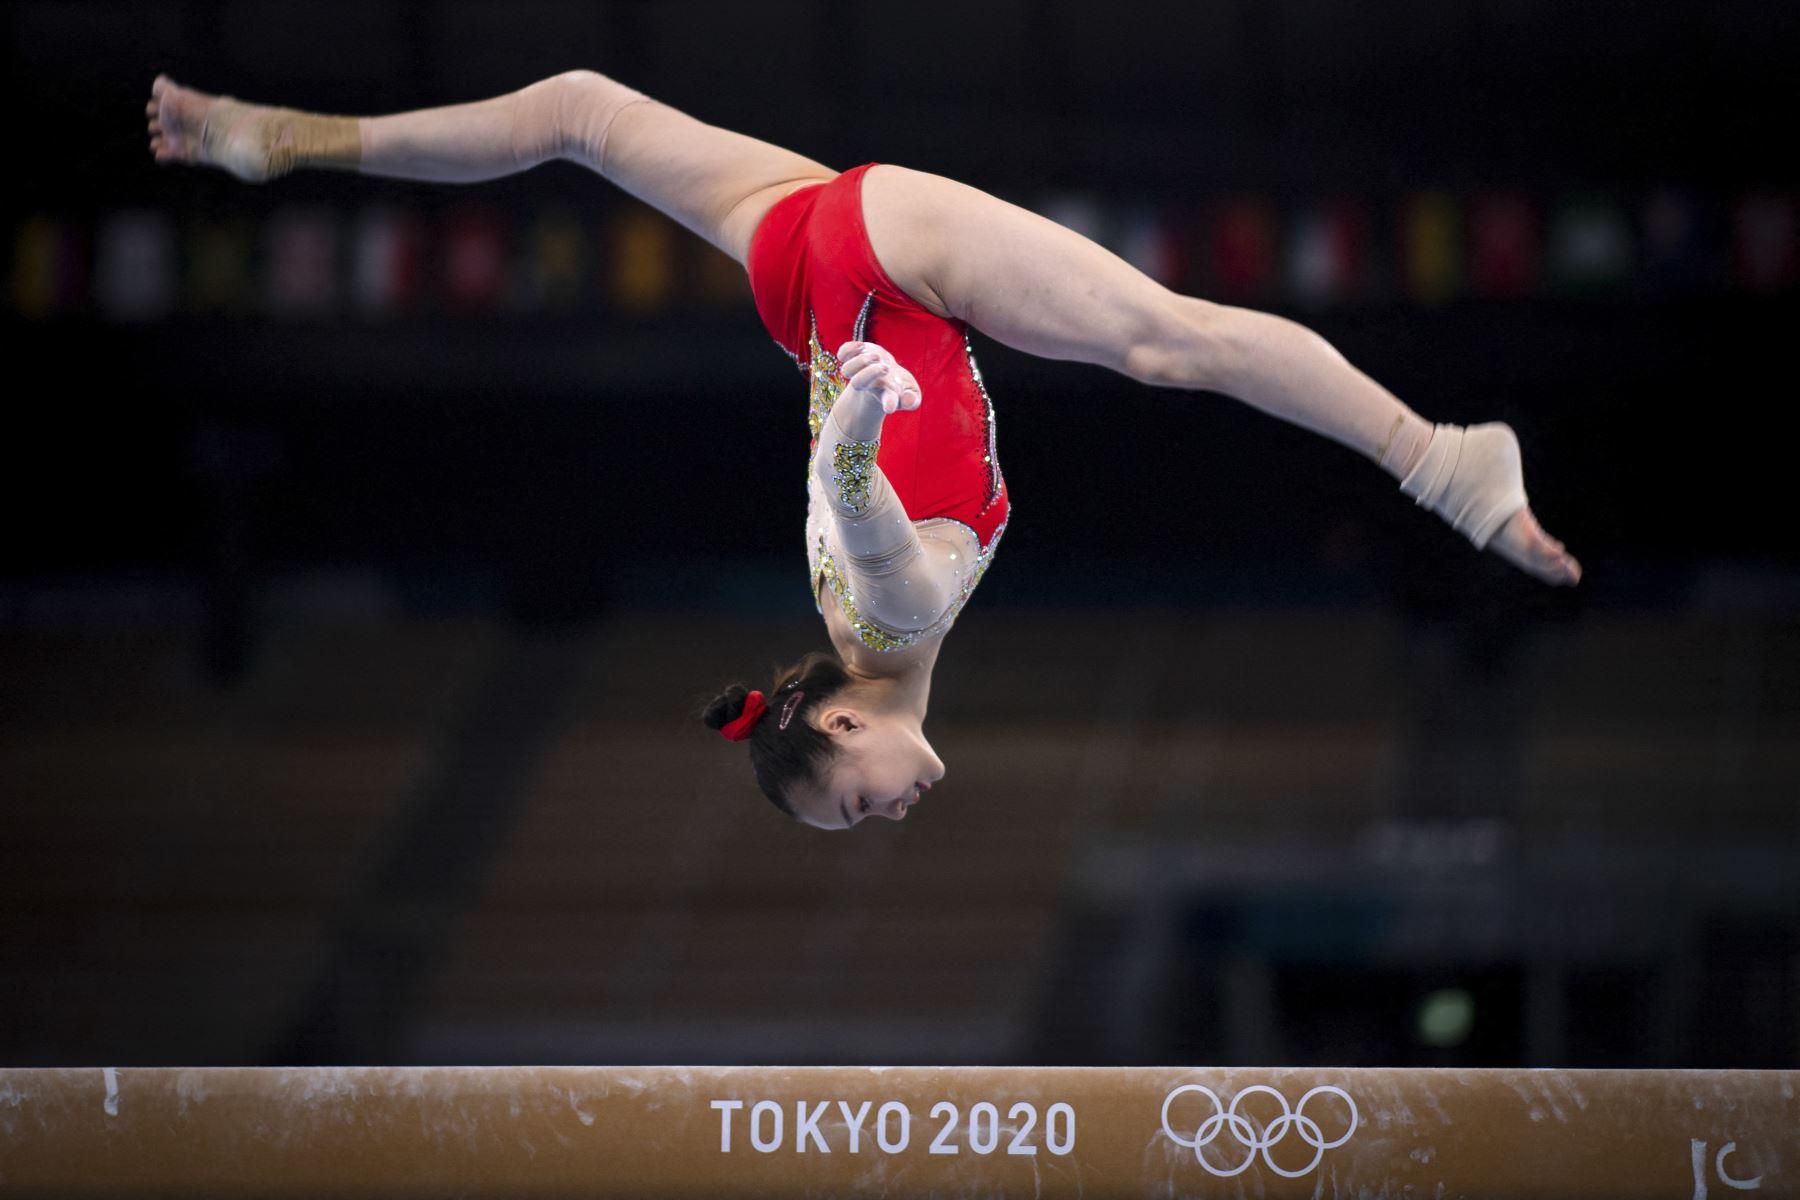 Una gimnasta china participa en una sesión de entrenamiento en el Centro de Gimnasia Ariake antes del inicio de los Juegos Olímpicos de Tokio 2020, en Japón. Foto: AFP